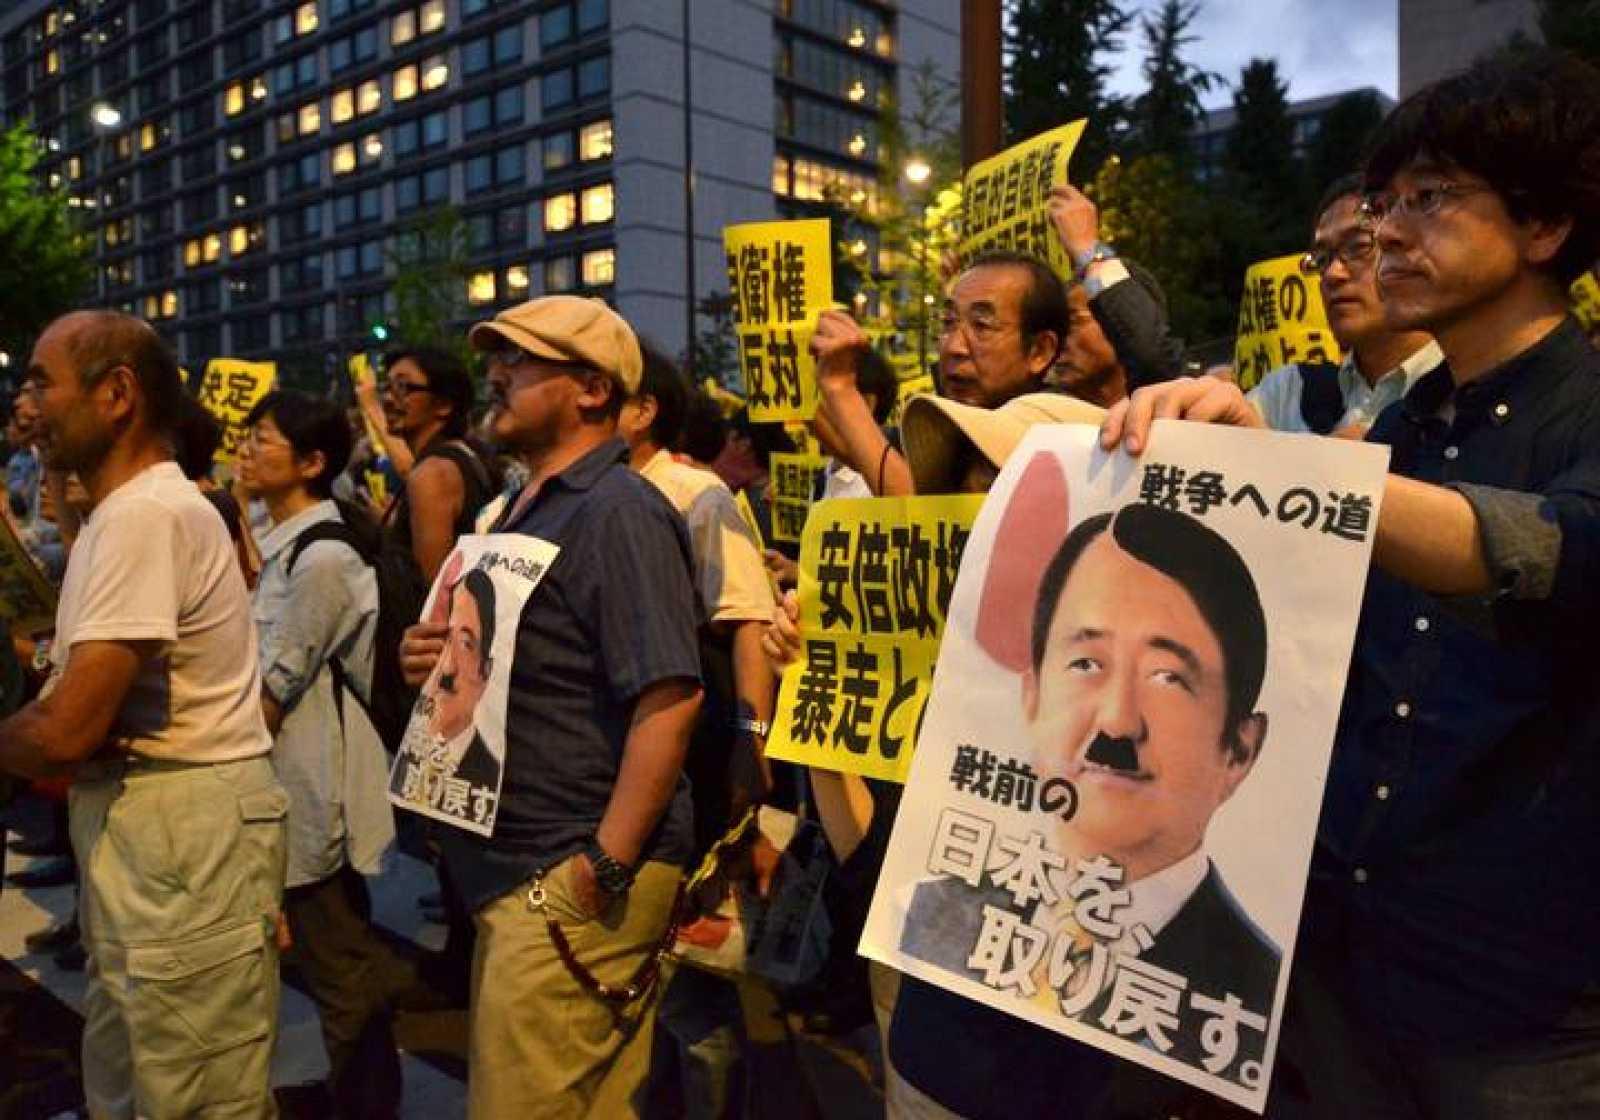 Manifestación en Tokio contra la decisión del primer ministro, Shinzo Abe, de cambiar la Constitución